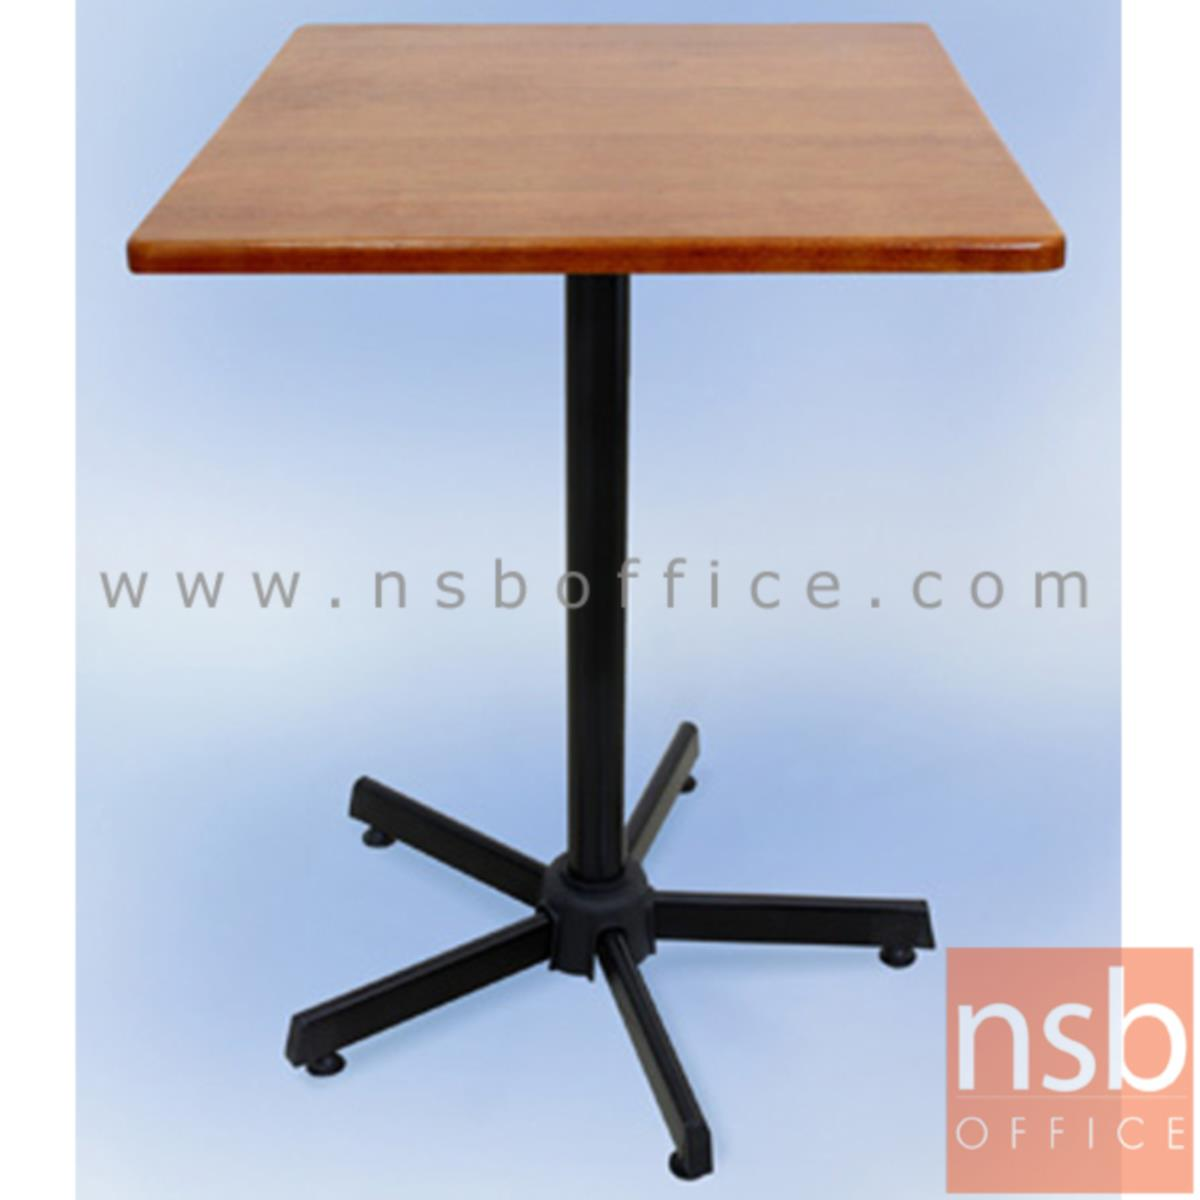 โต๊ะไม้ยางพารา รุ่น Fyn (ฟิน) ขนาด 60W ,75W cm. ขาเหล็ก